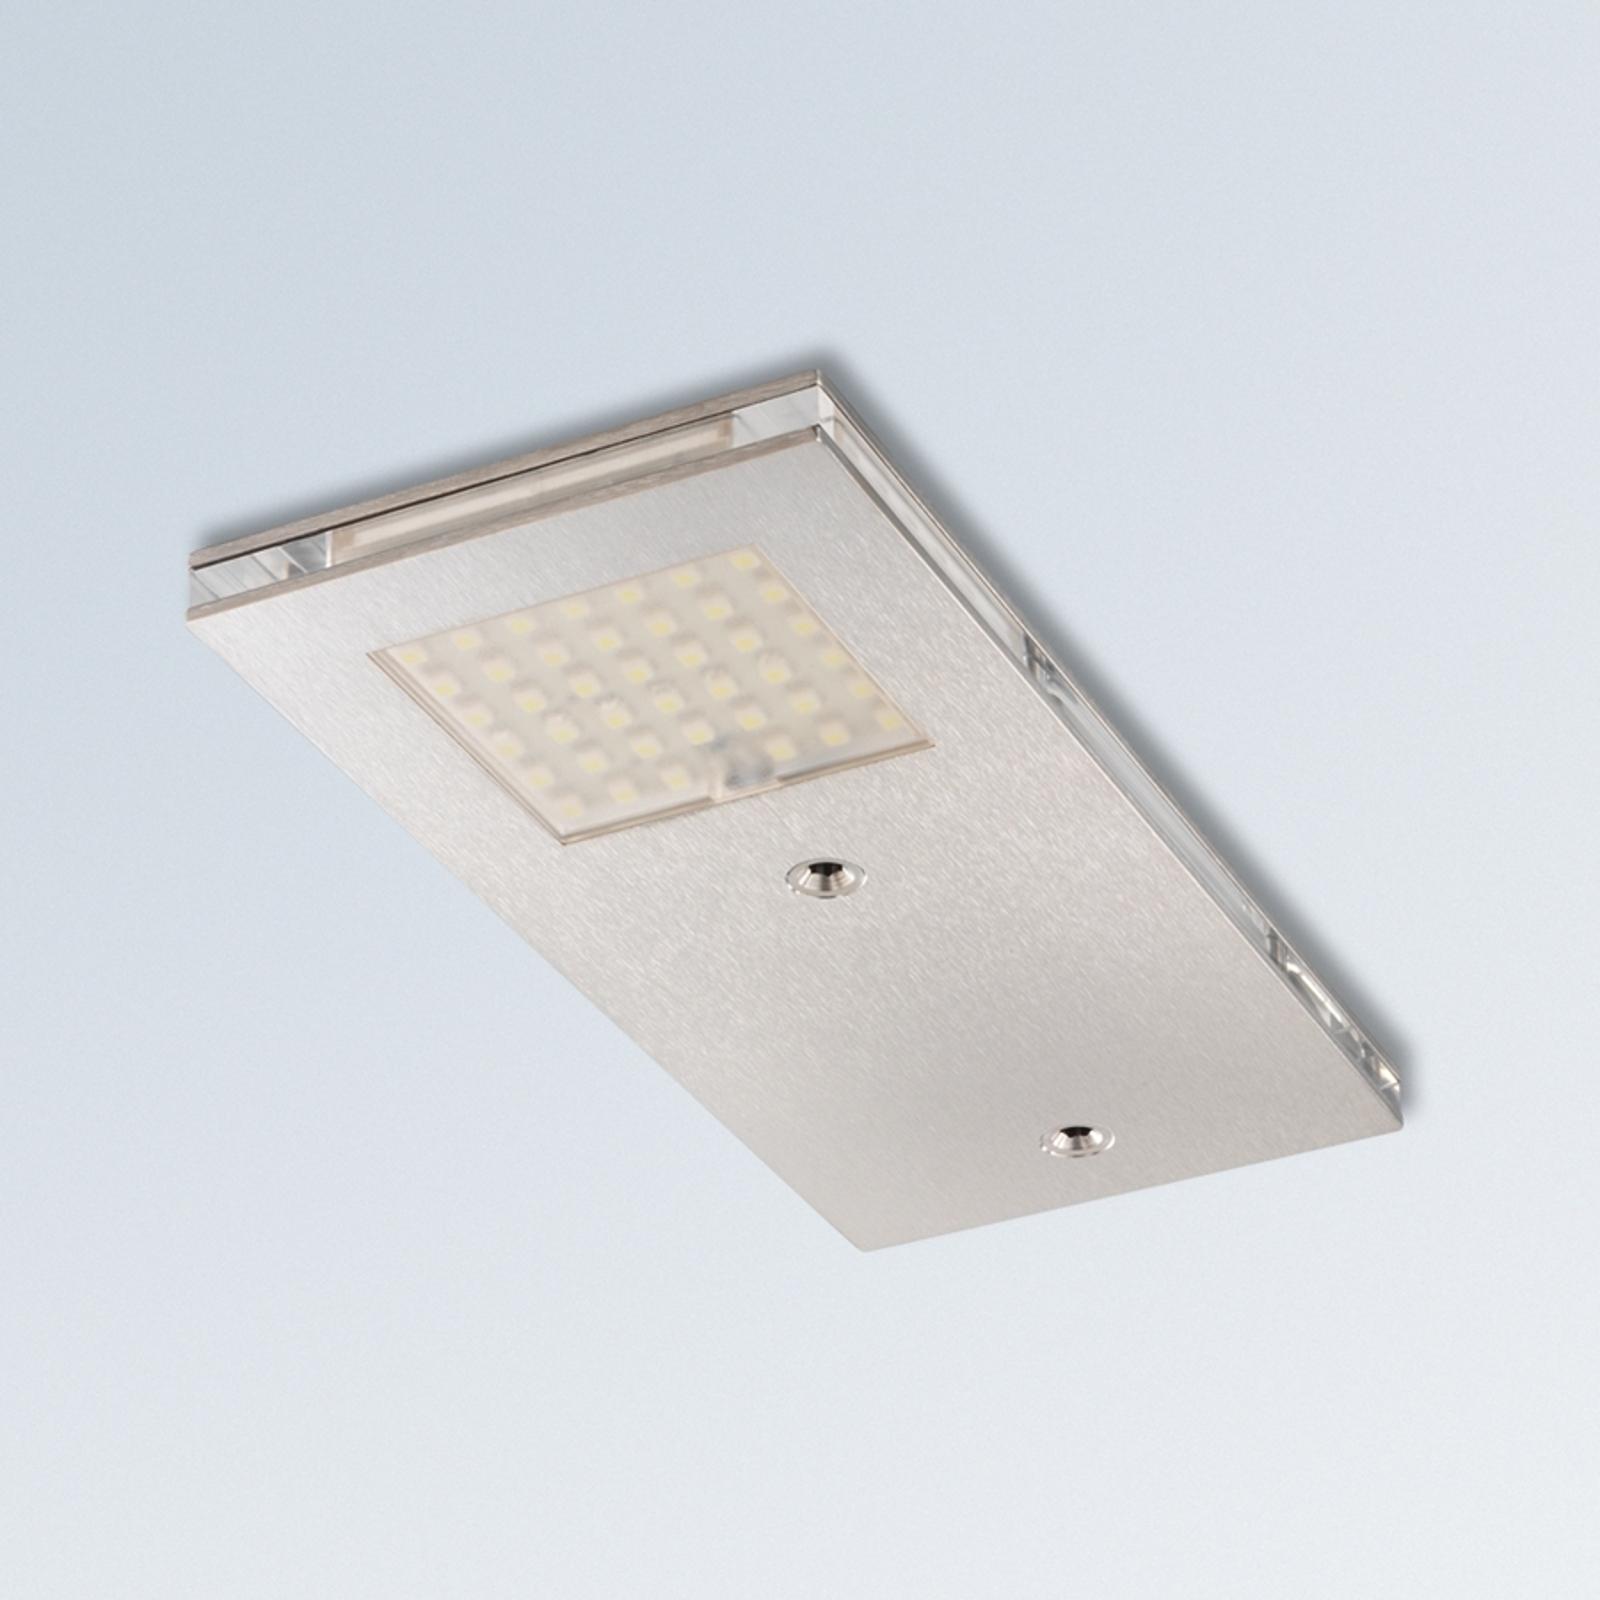 Praktisch led-onderbouwlamp FLAT I 3-delige set